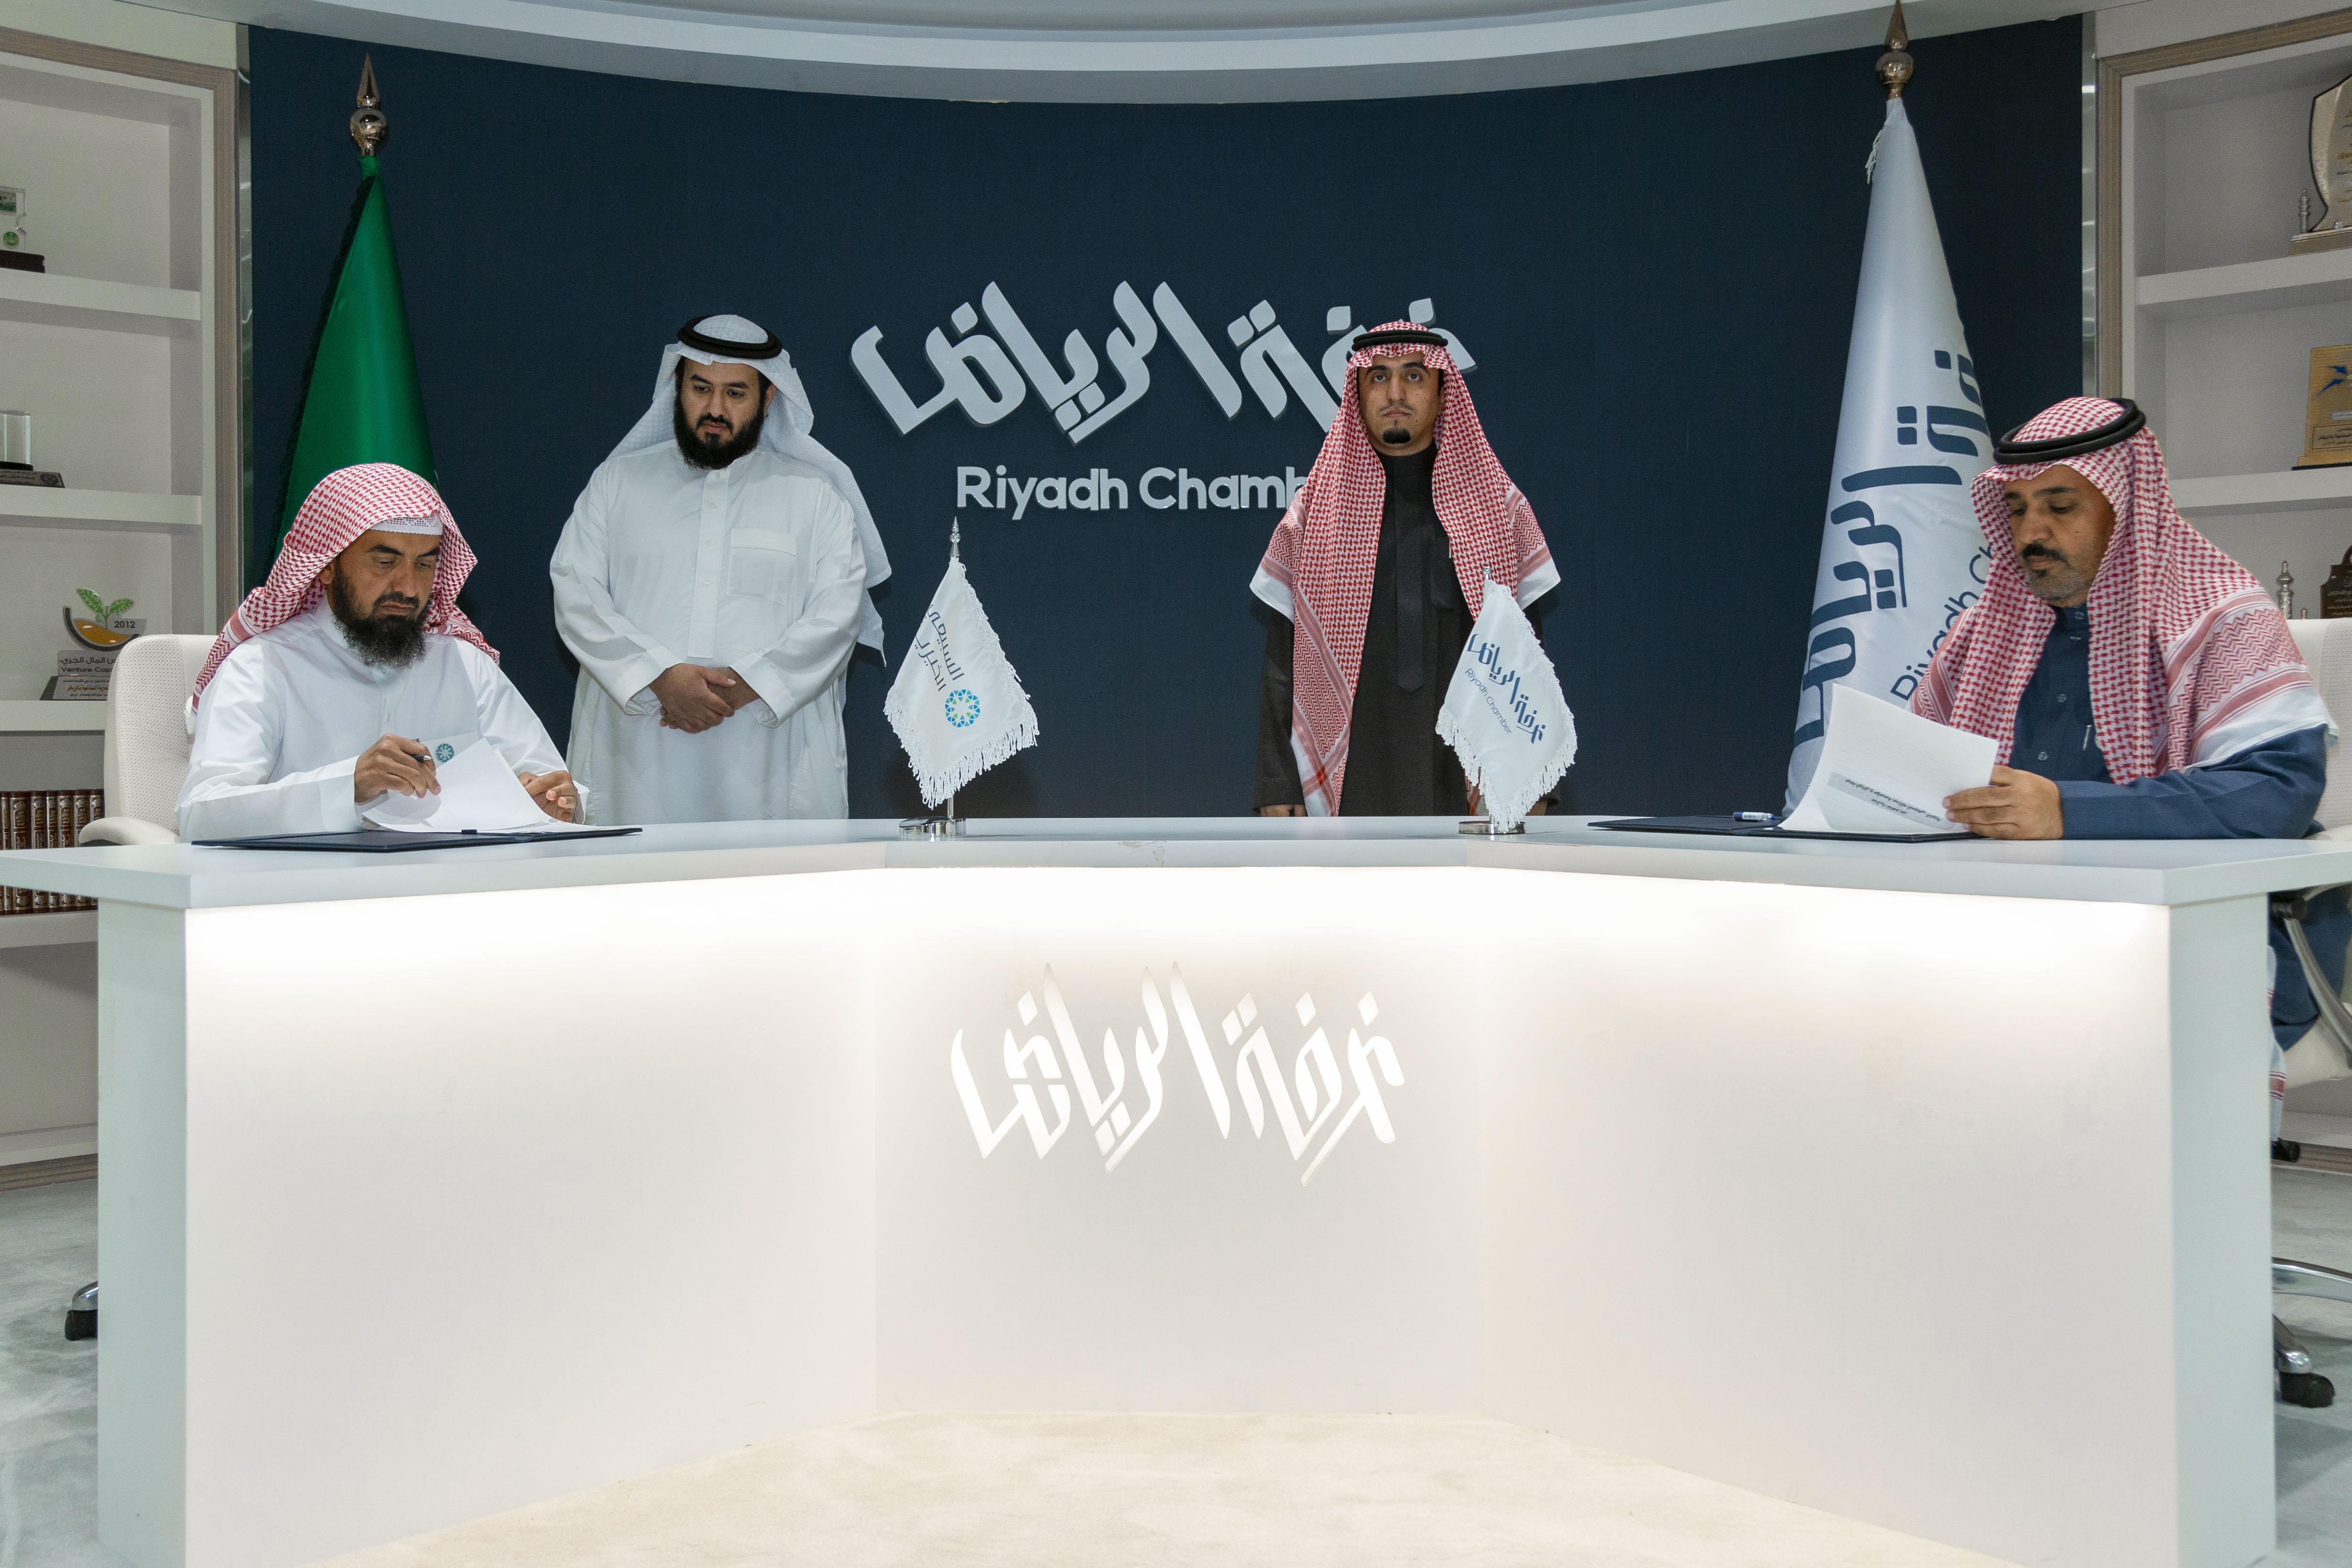 مُذكِّرة تفاهم بين مؤسسة عبدالله بن إبراهيم السبيعي الخيرية وغرفة الرياض